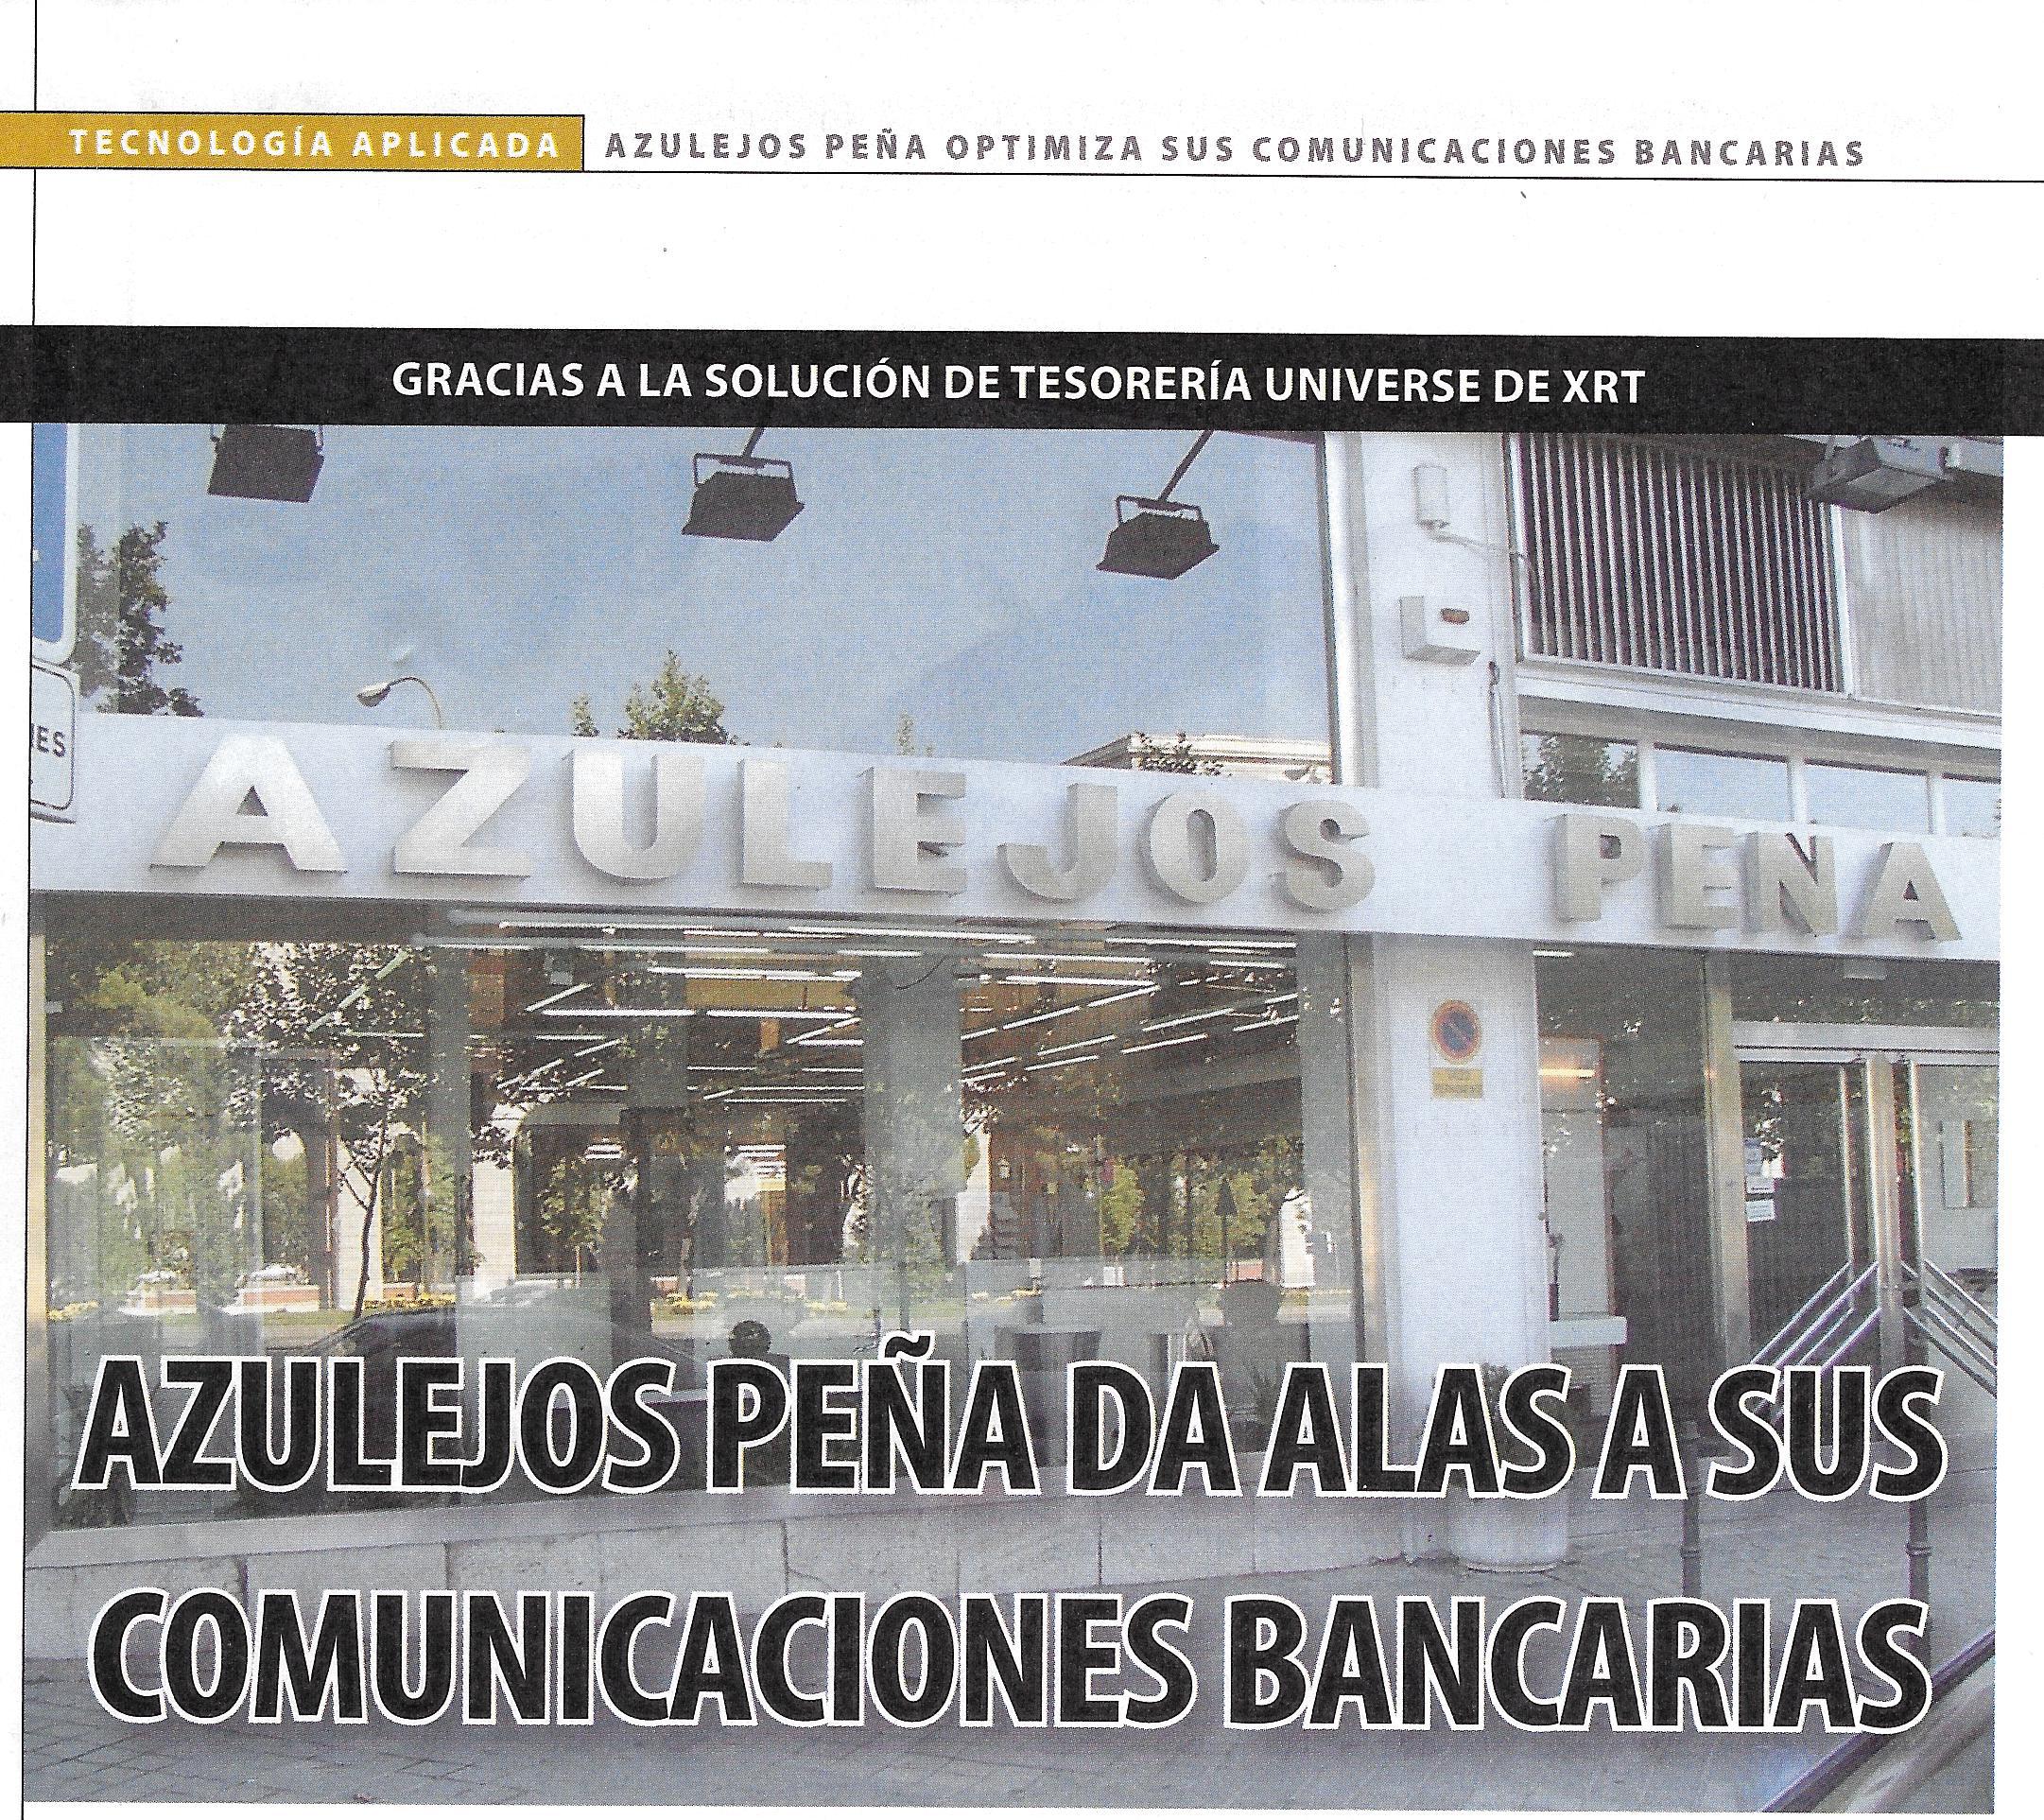 Azulejos Peña da alas a sus comunicaciones bancarias